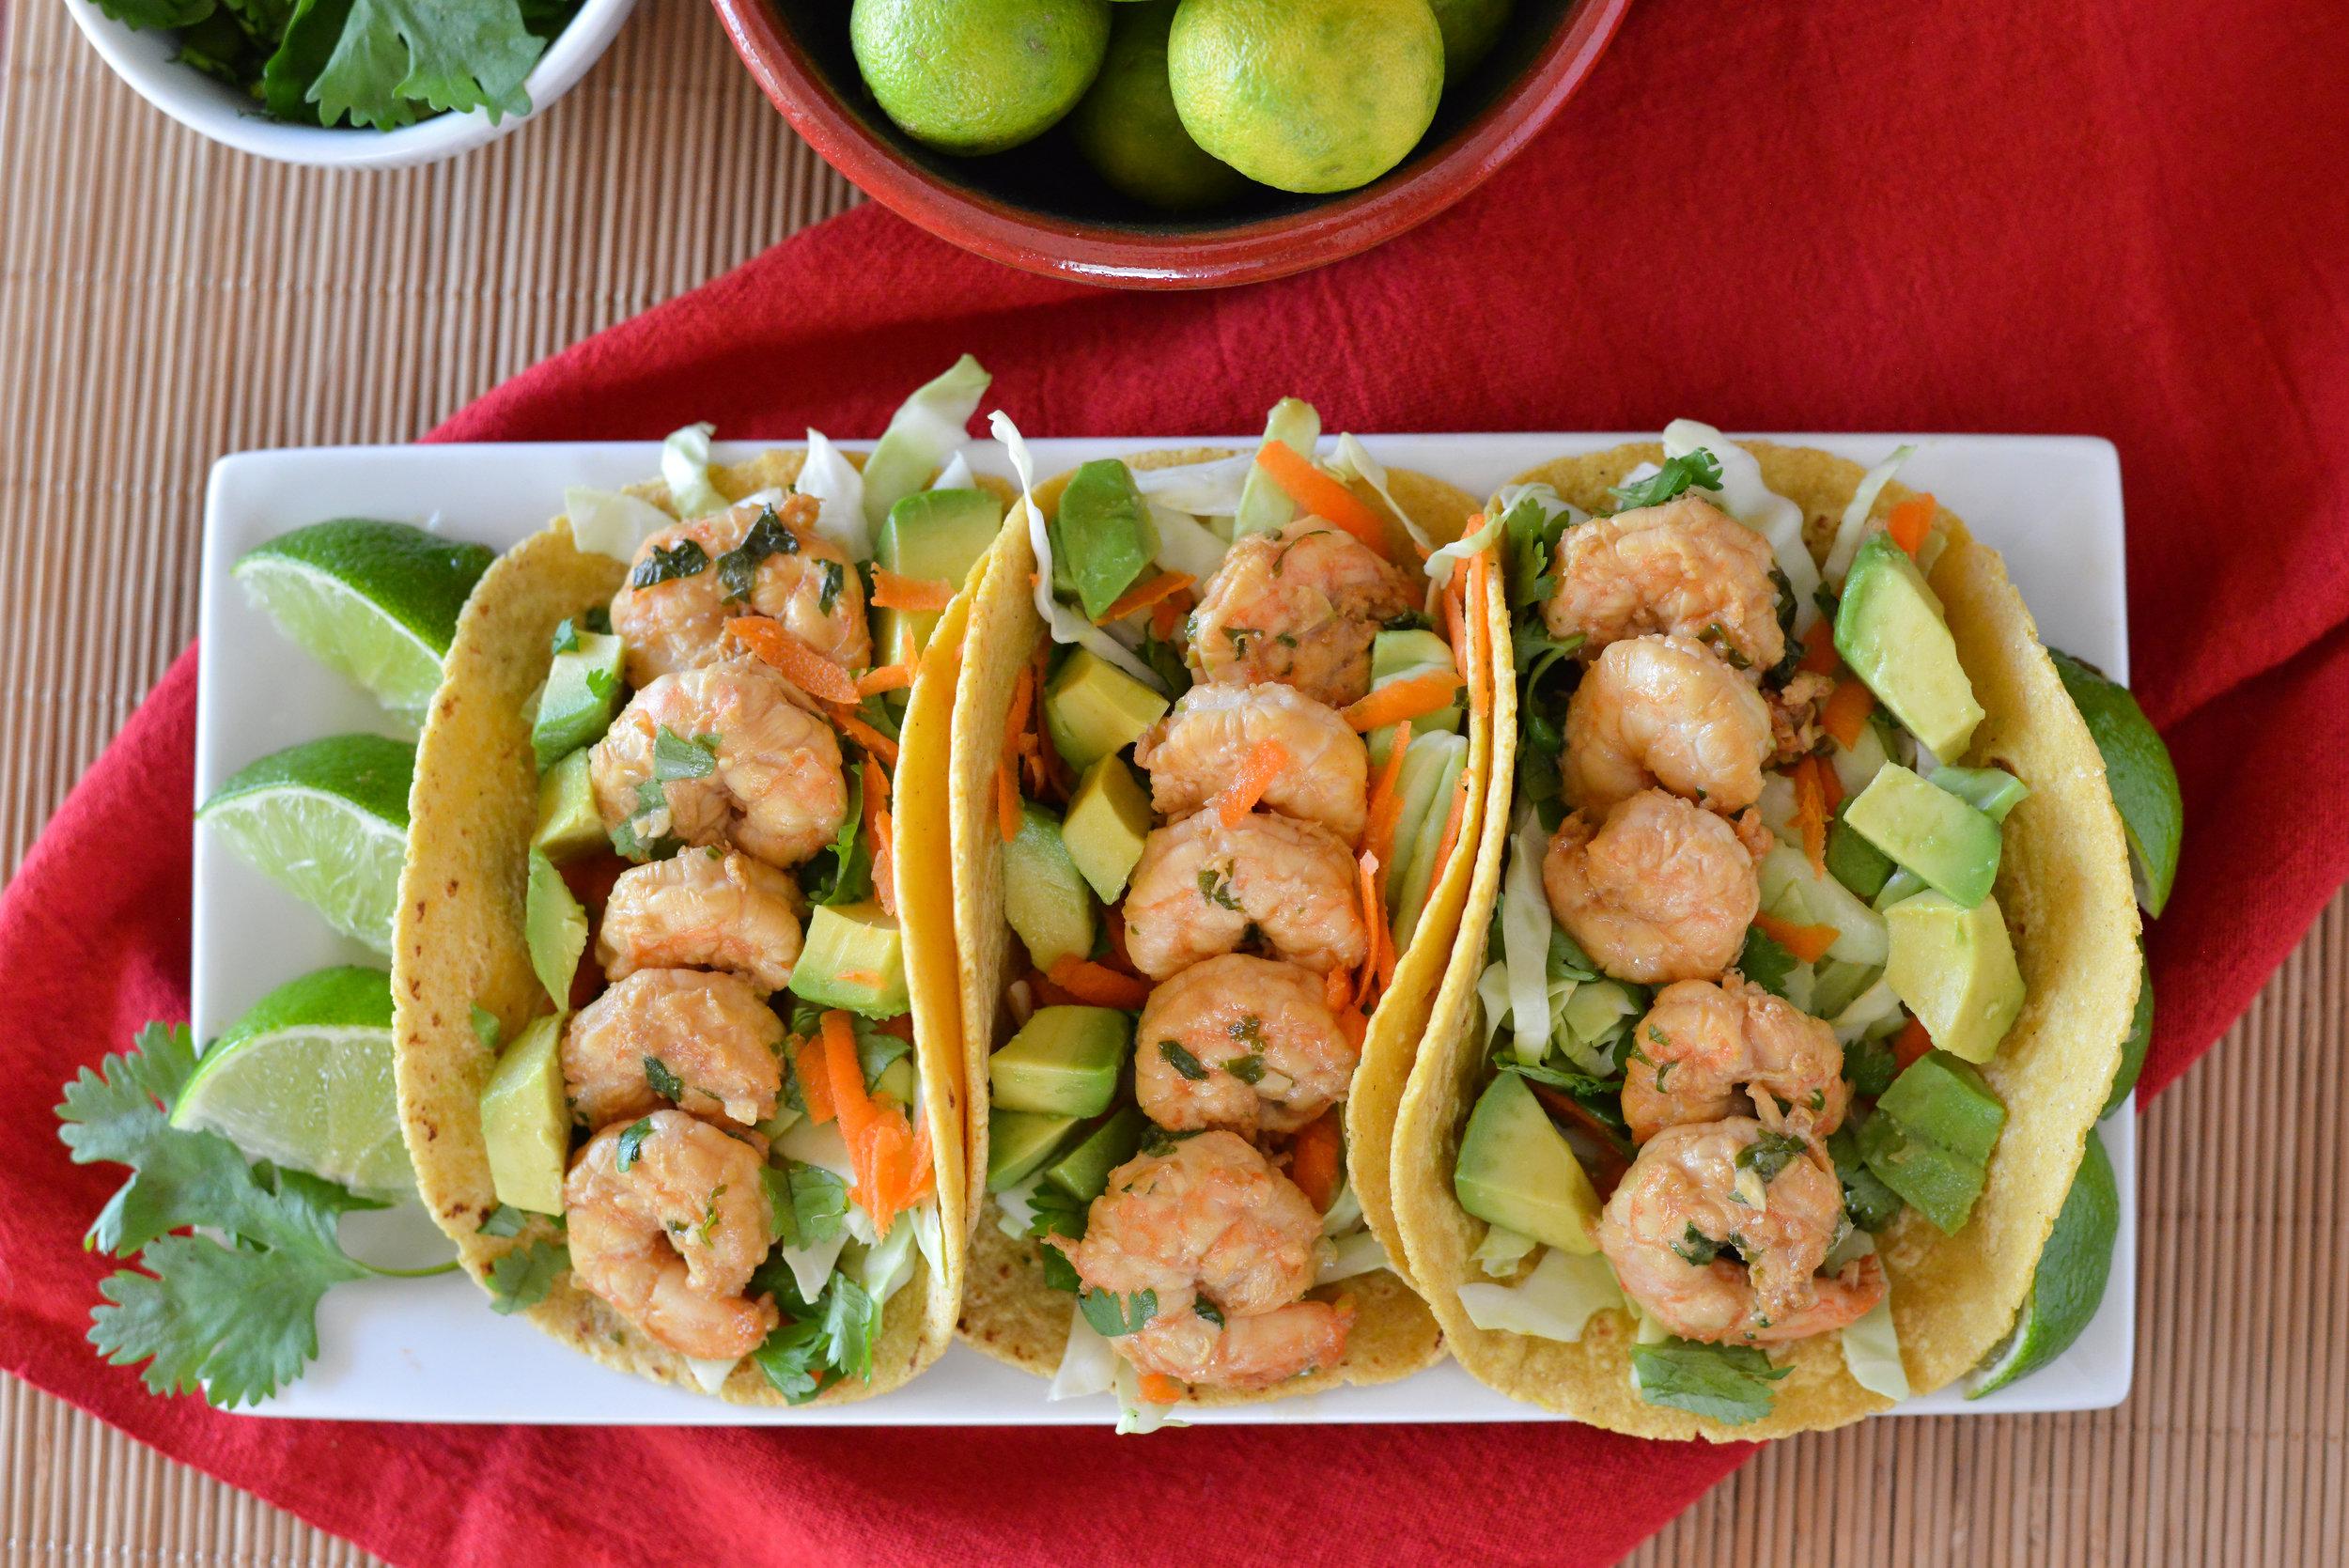 Plated shrimp tacos